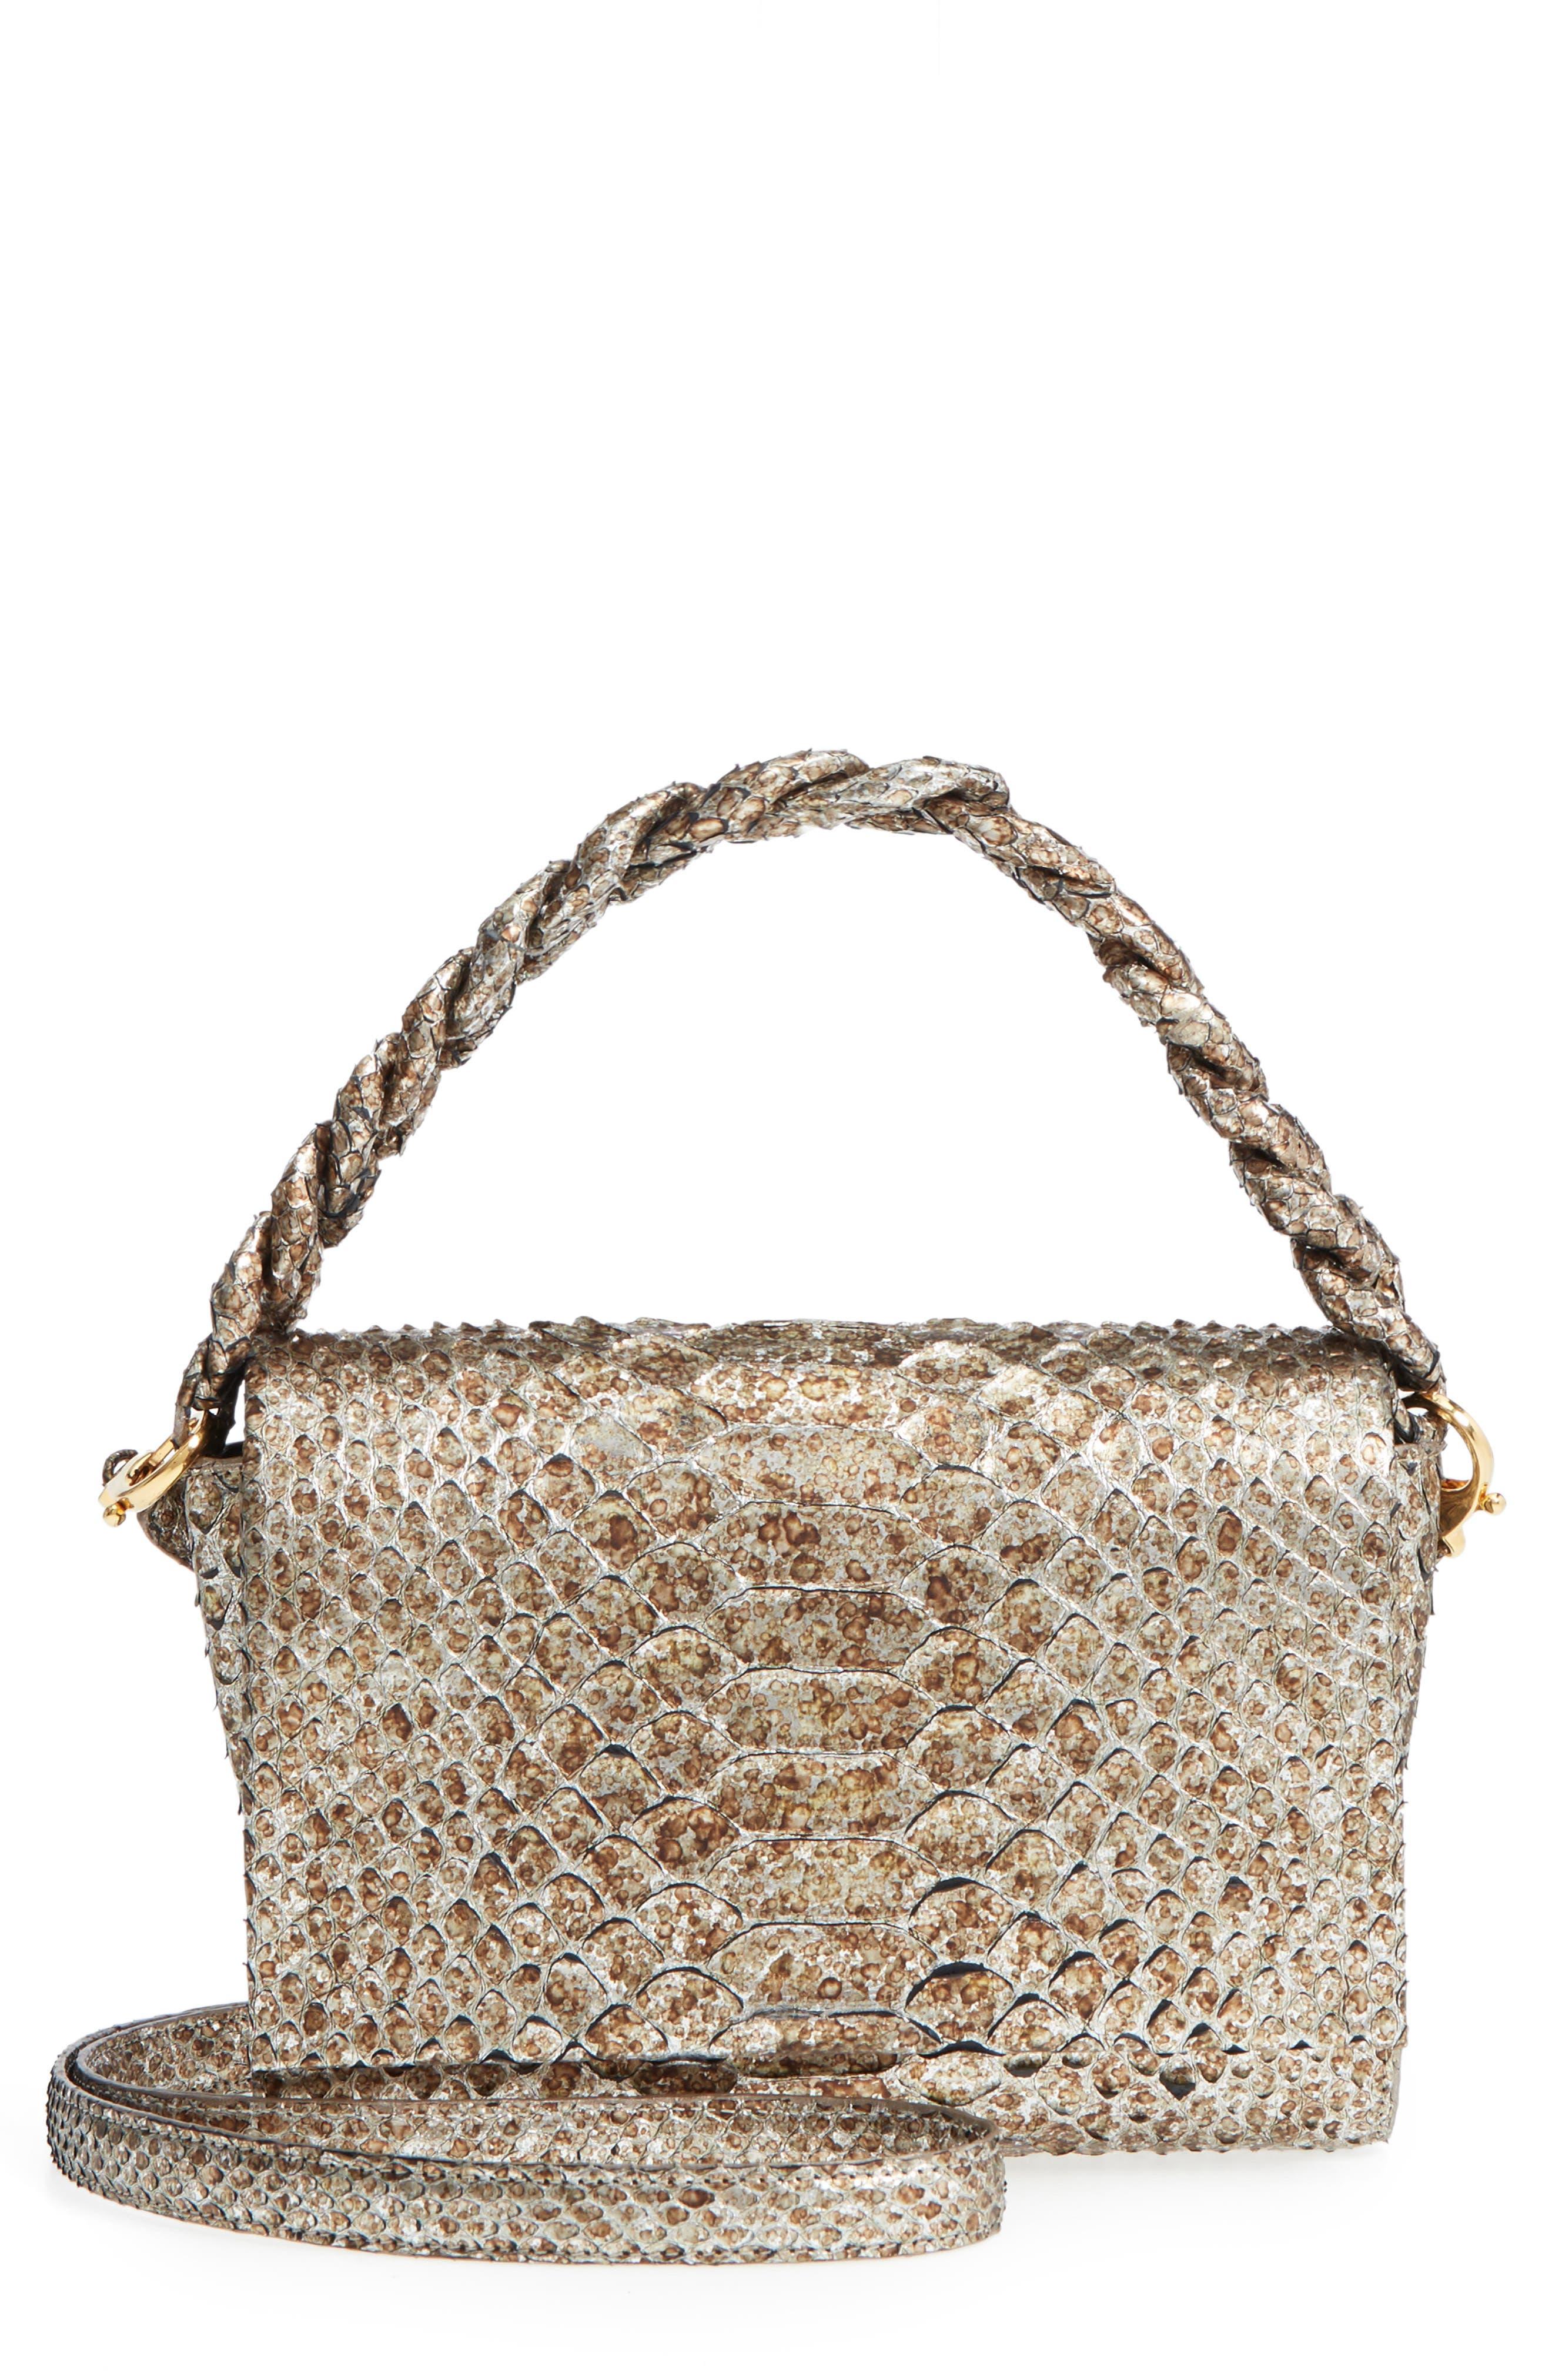 Nancy Gonzalez Small Carrie Genuine Crocodile Metallic Clutch